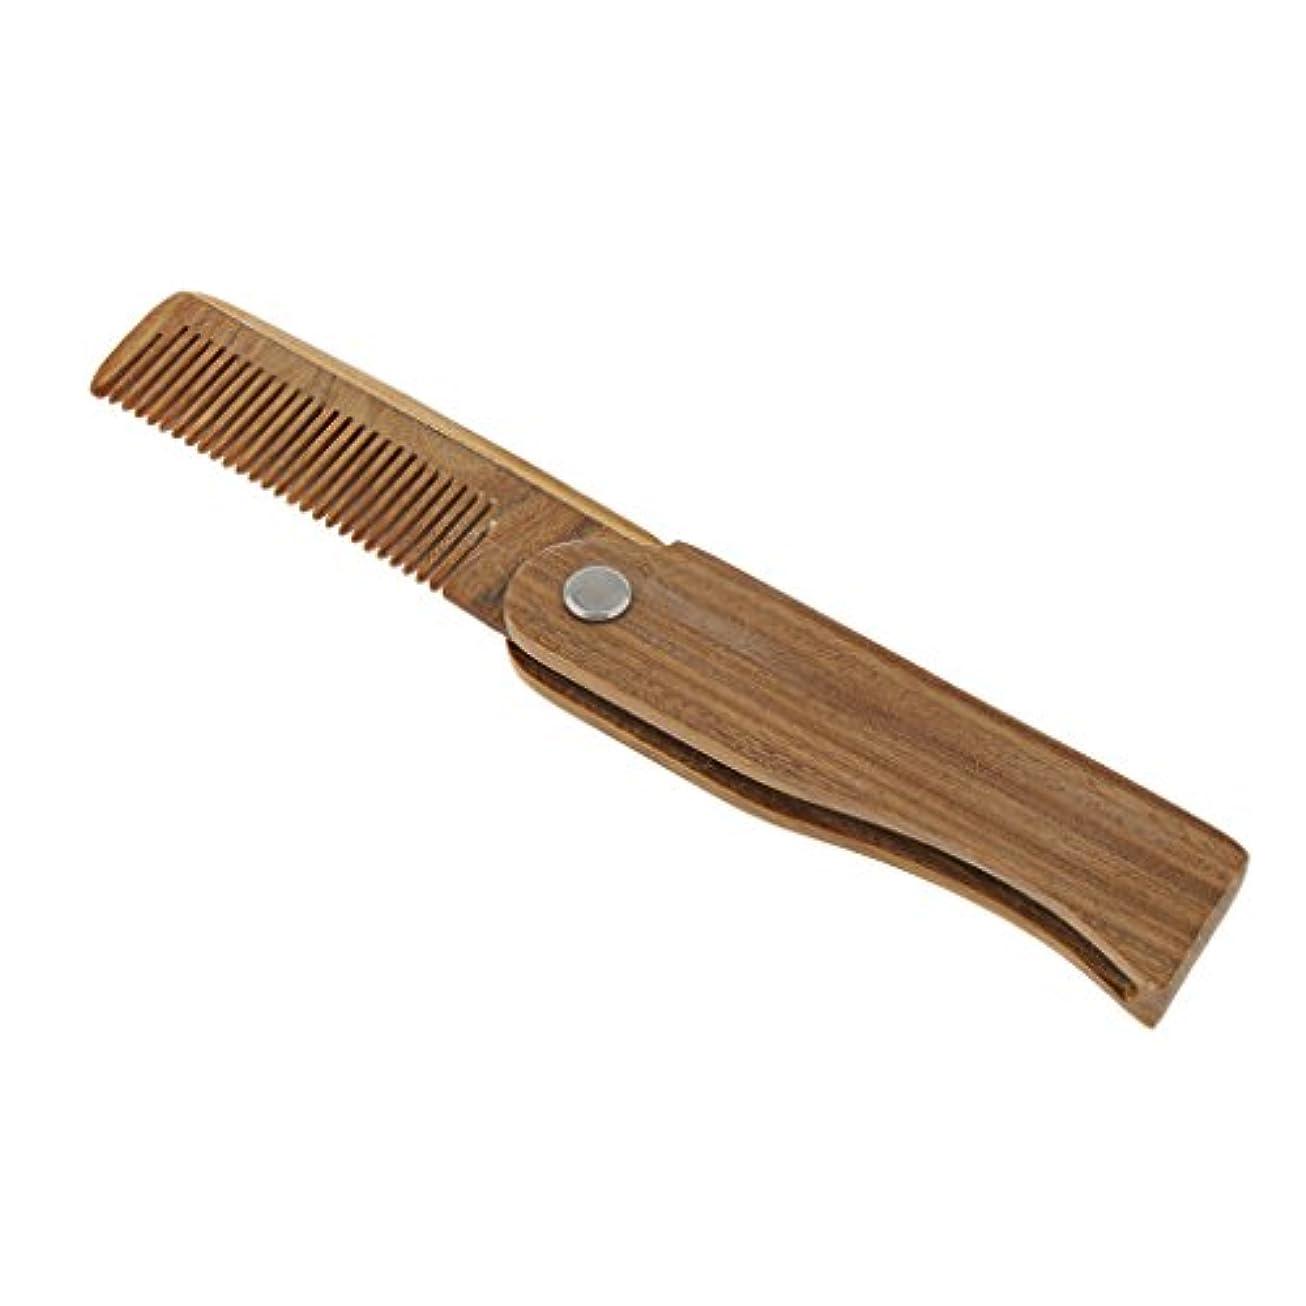 改善するチャット良心的Fenteer 木製櫛 ヘアブラシ ヘアコーム ポケットサイズ 折り畳み式 ひげ櫛 2タイプ選べる - B